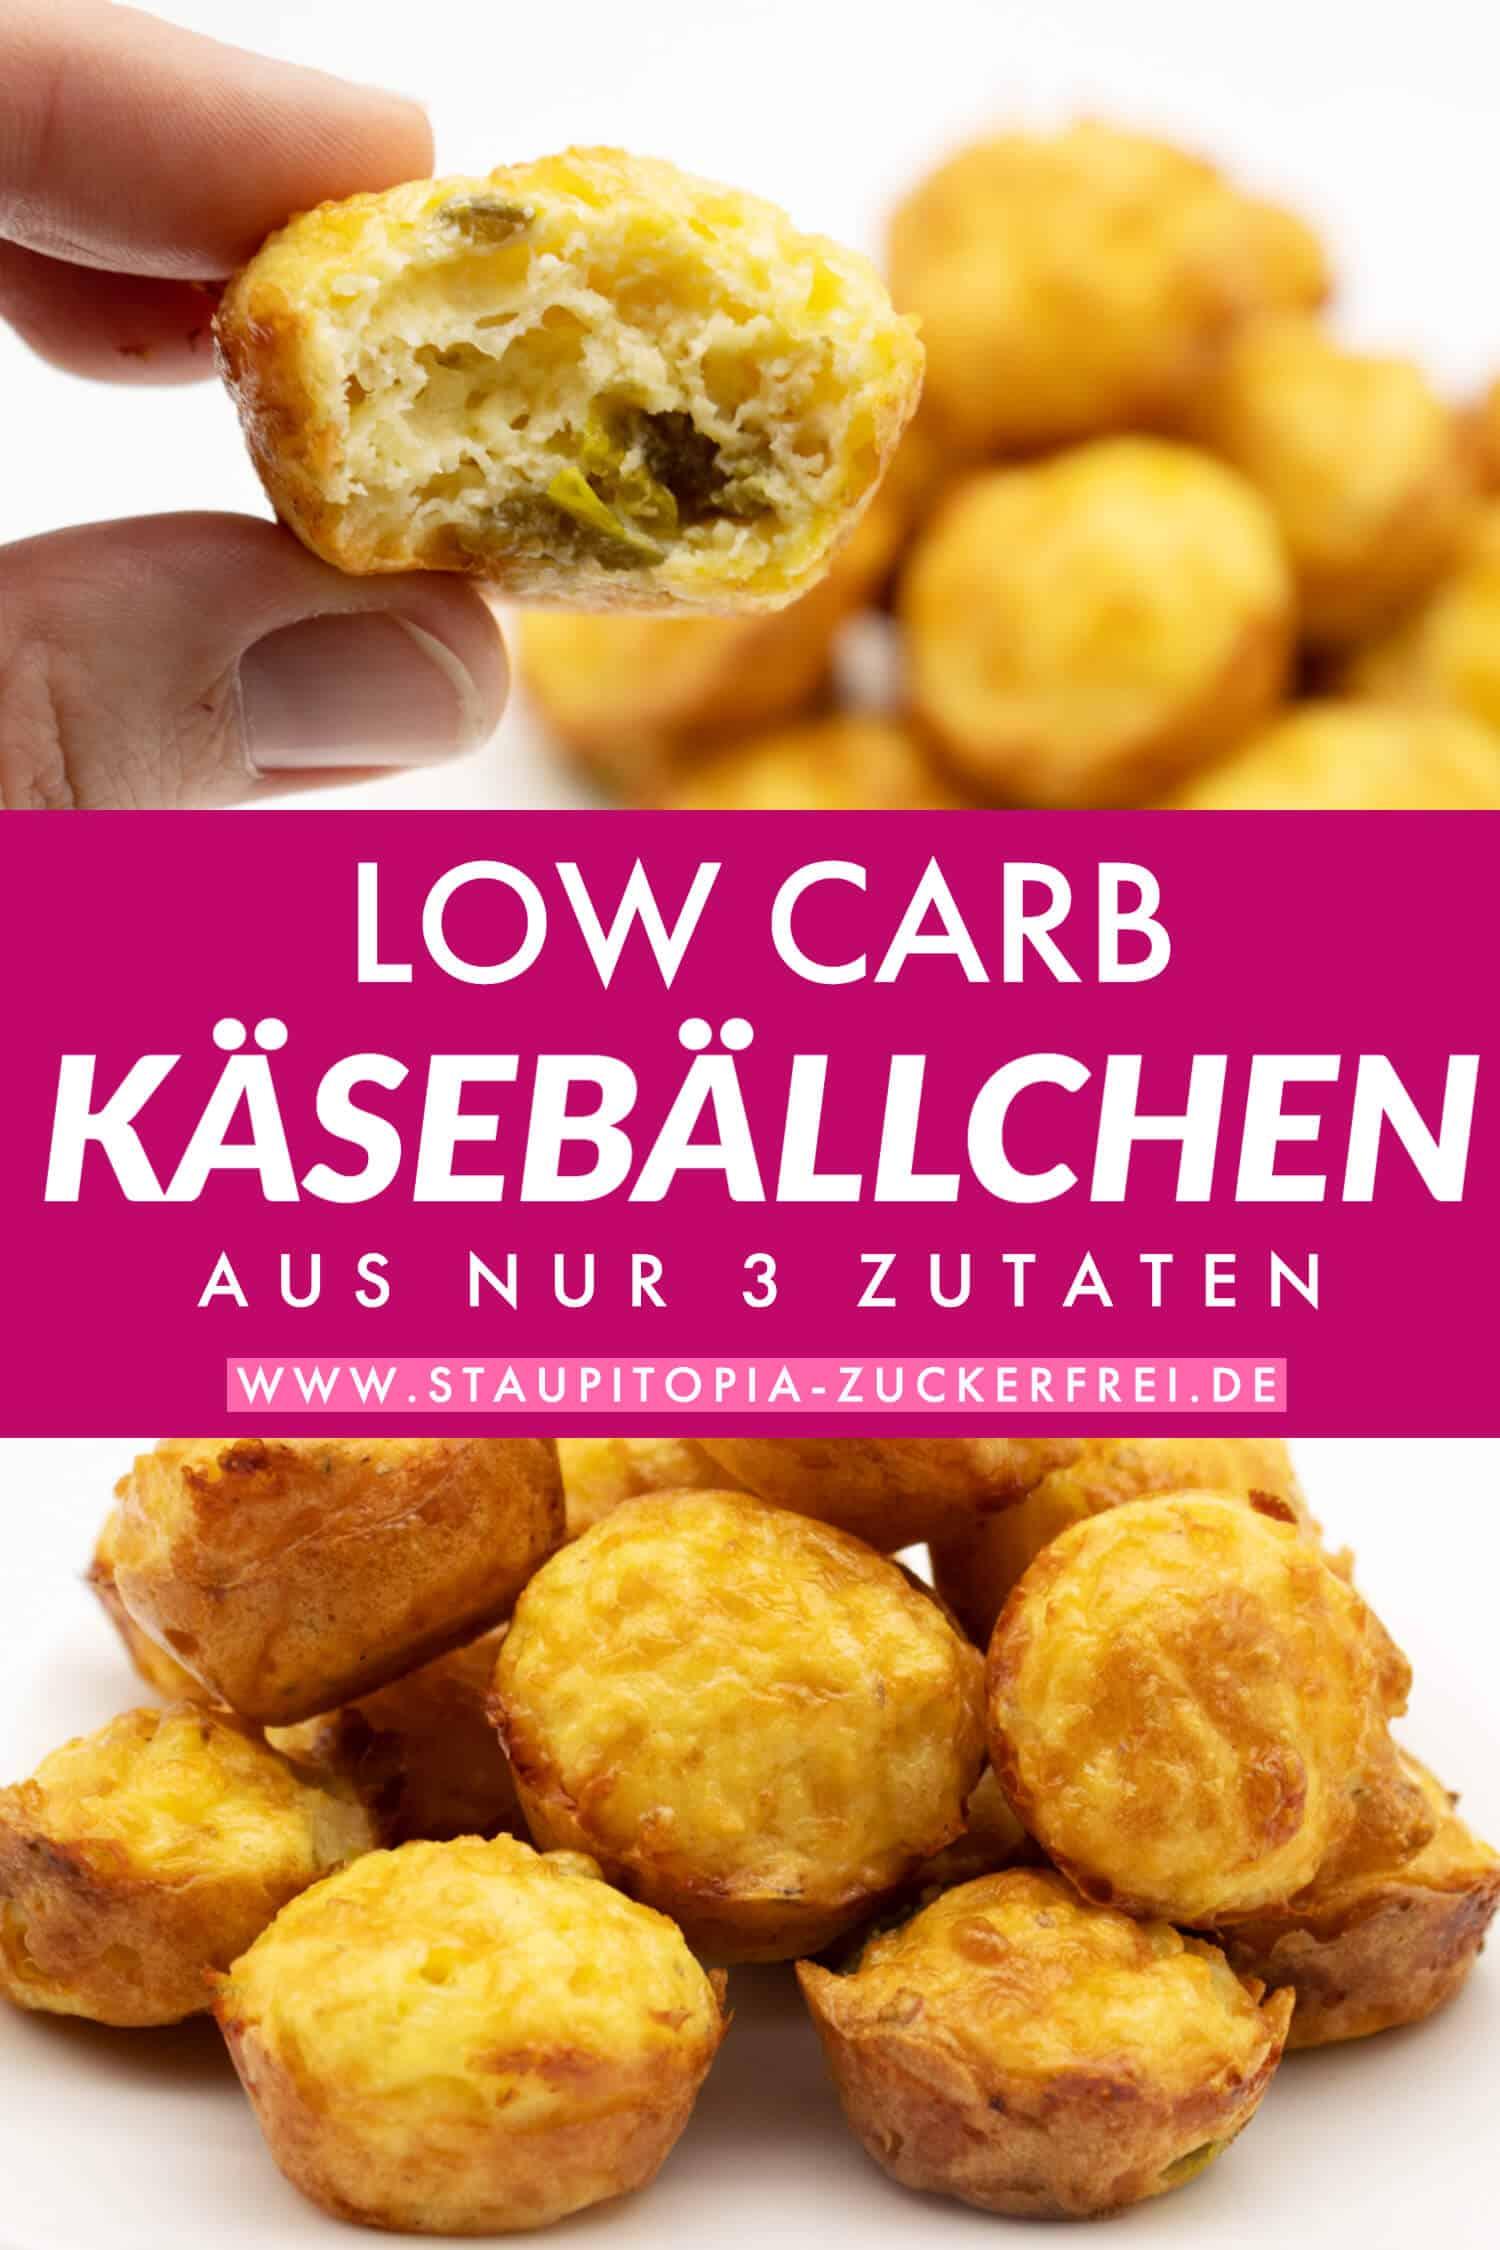 Low Carb Käsebällchen - pic